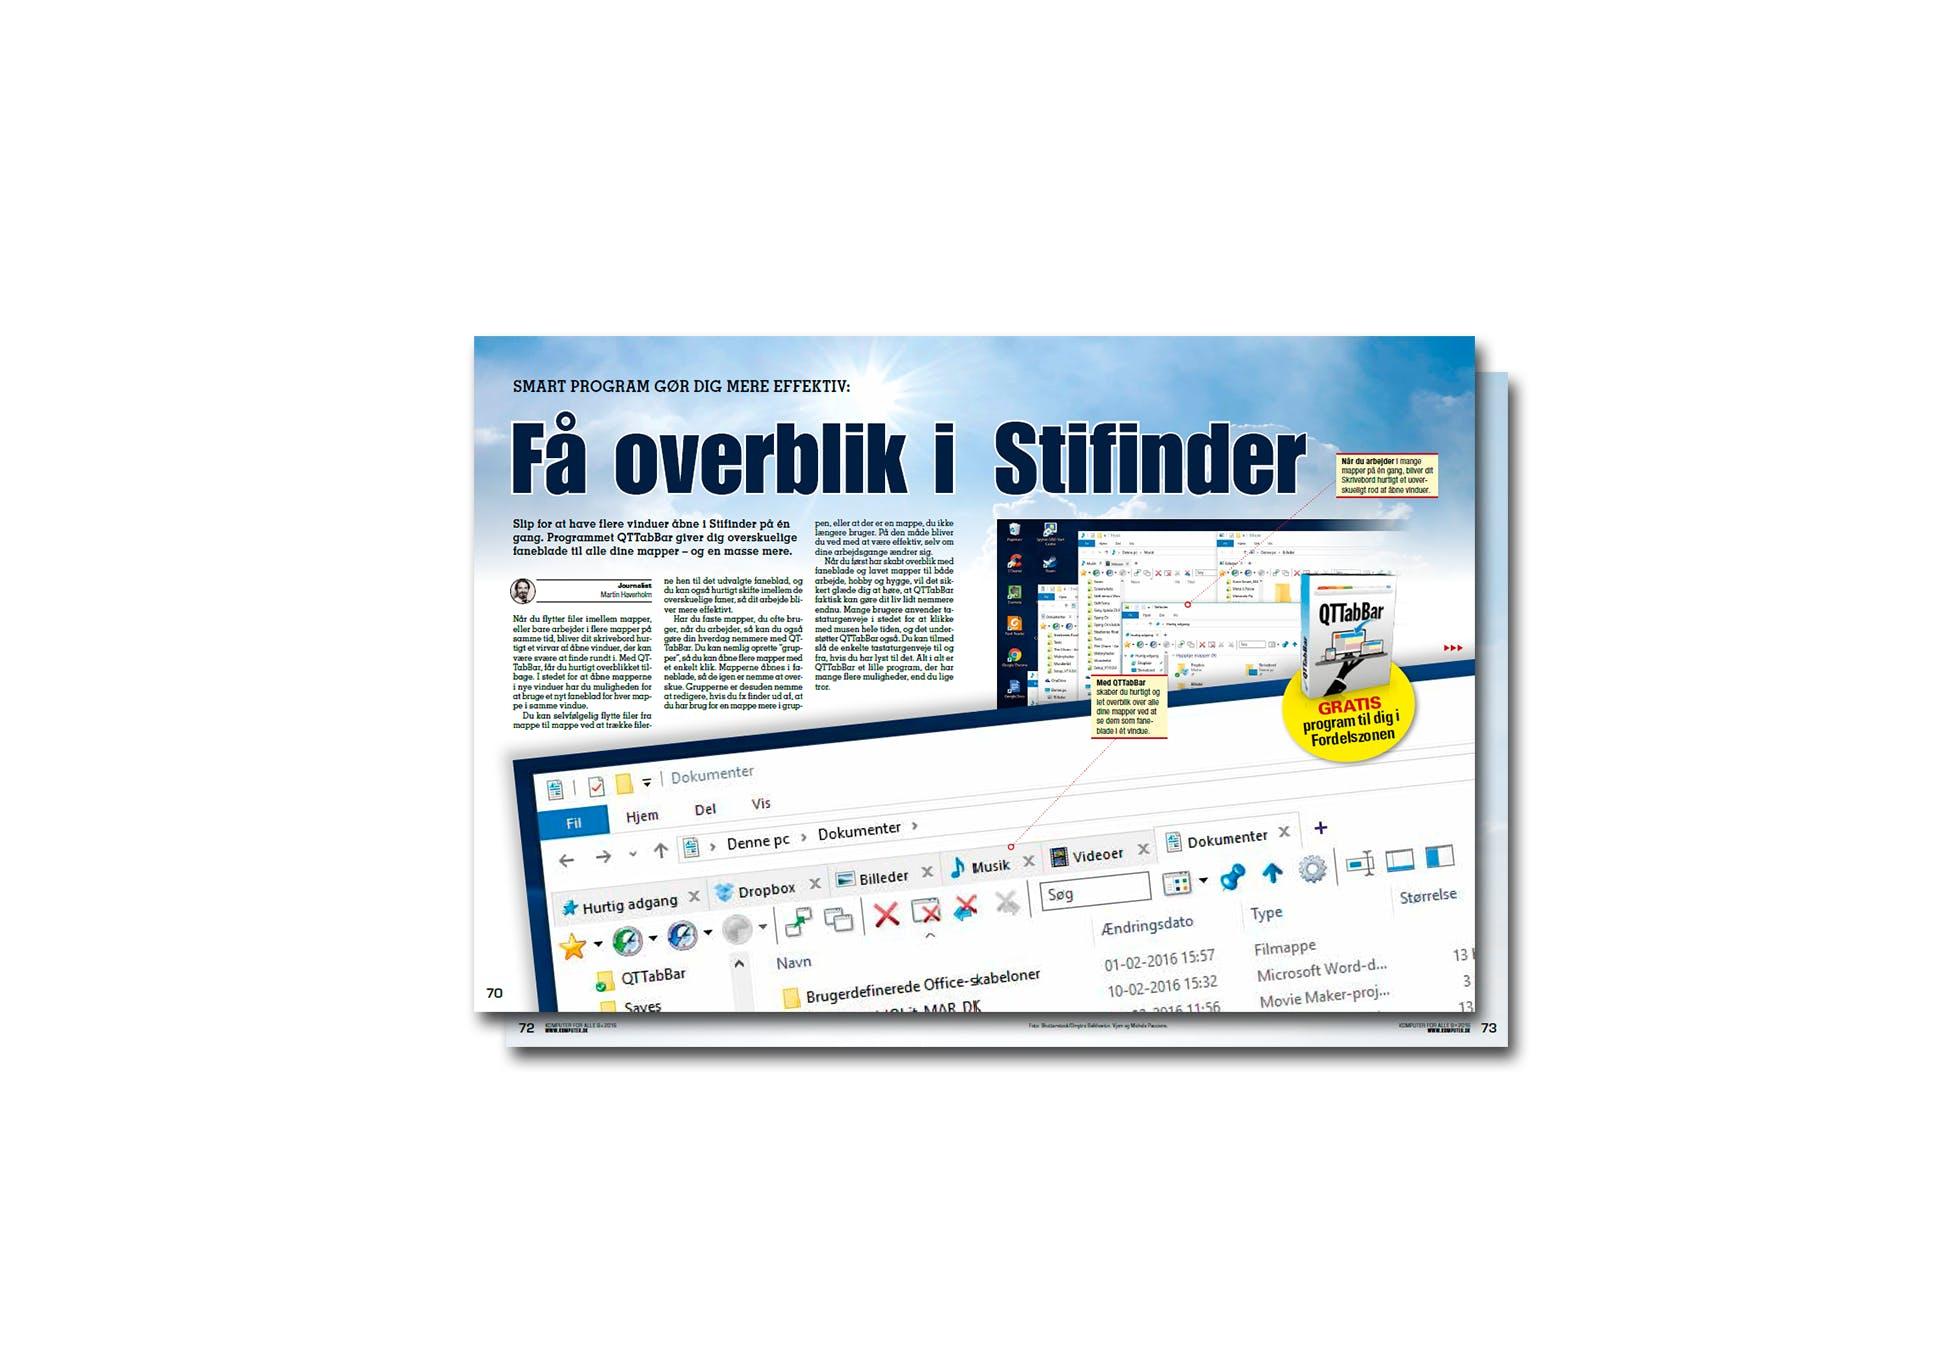 Flot pauseskærm på din computerskærm | Komputer.dk